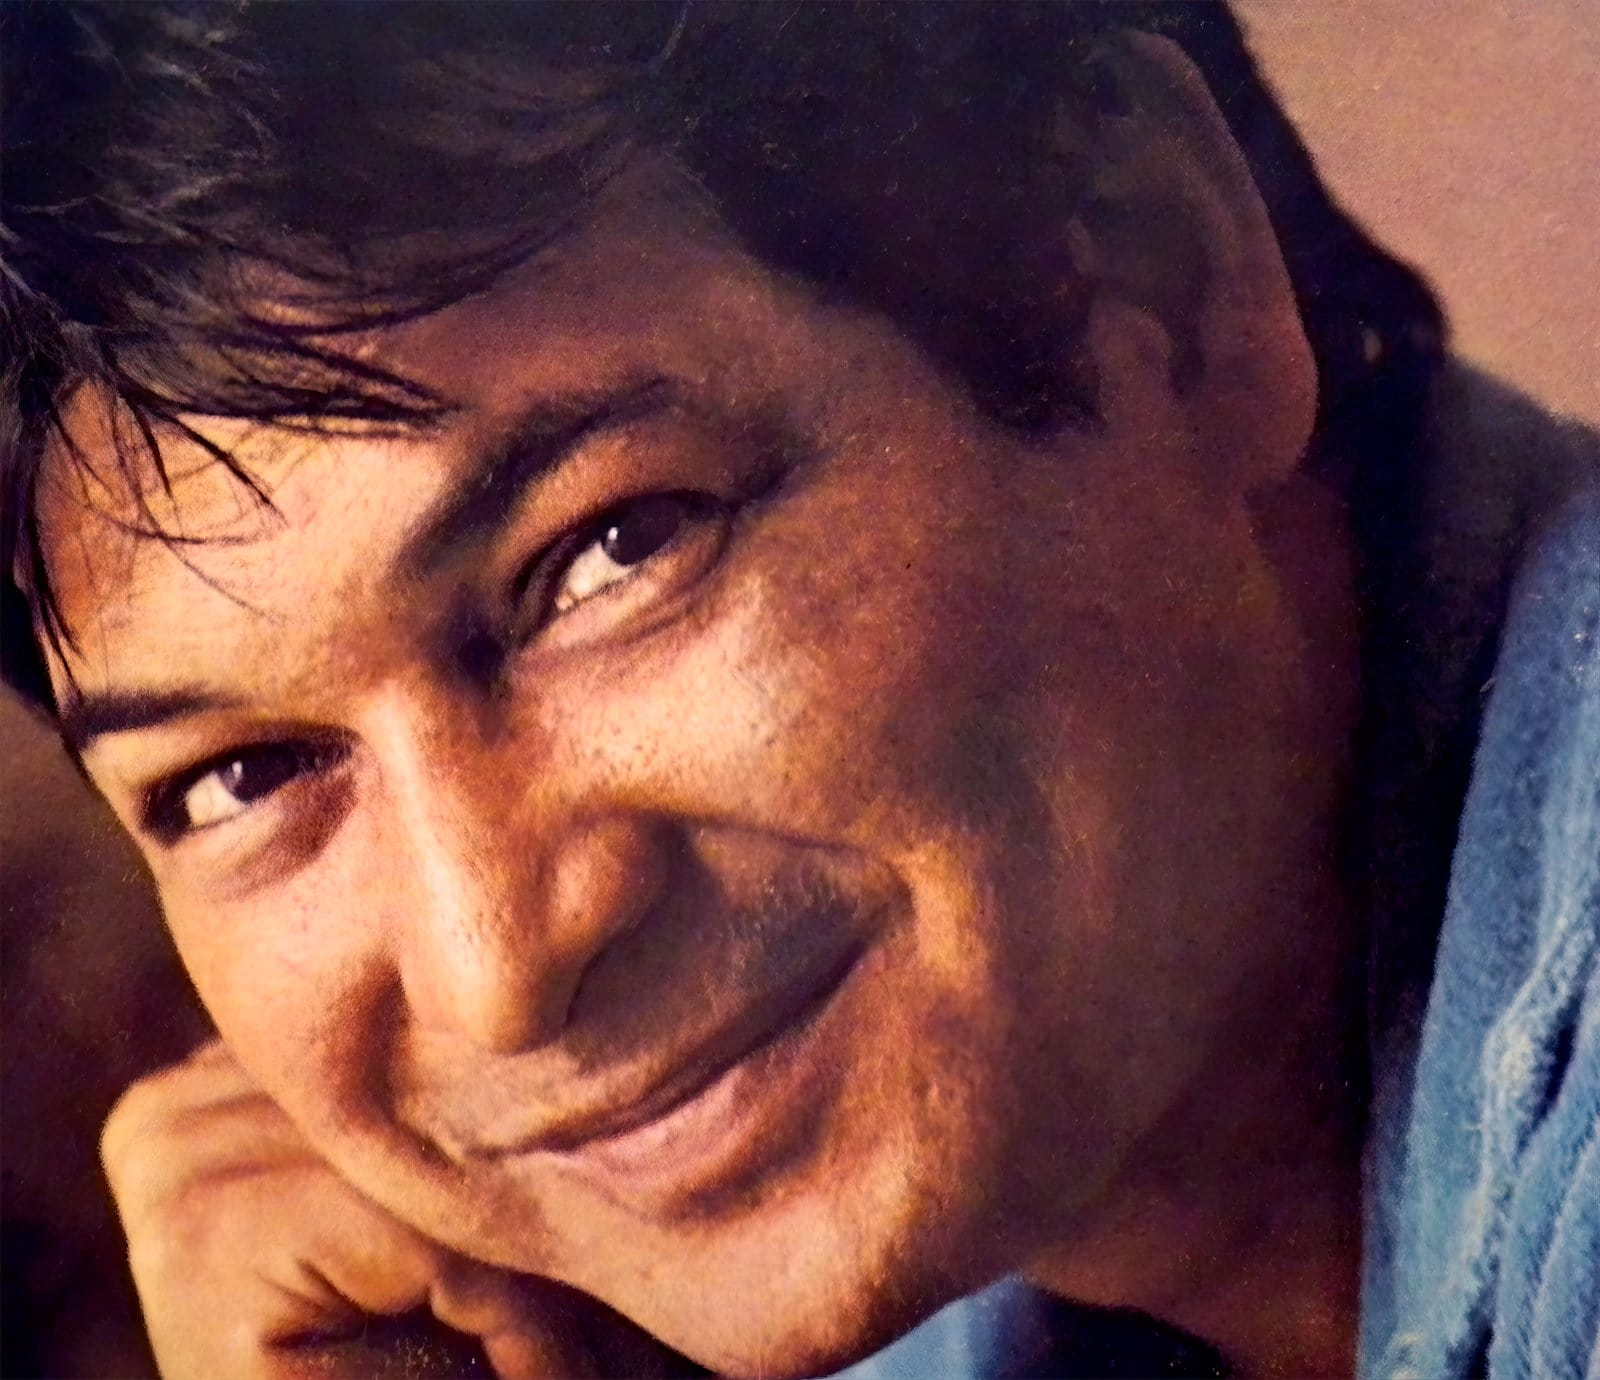 Singer Don Ho - smiling